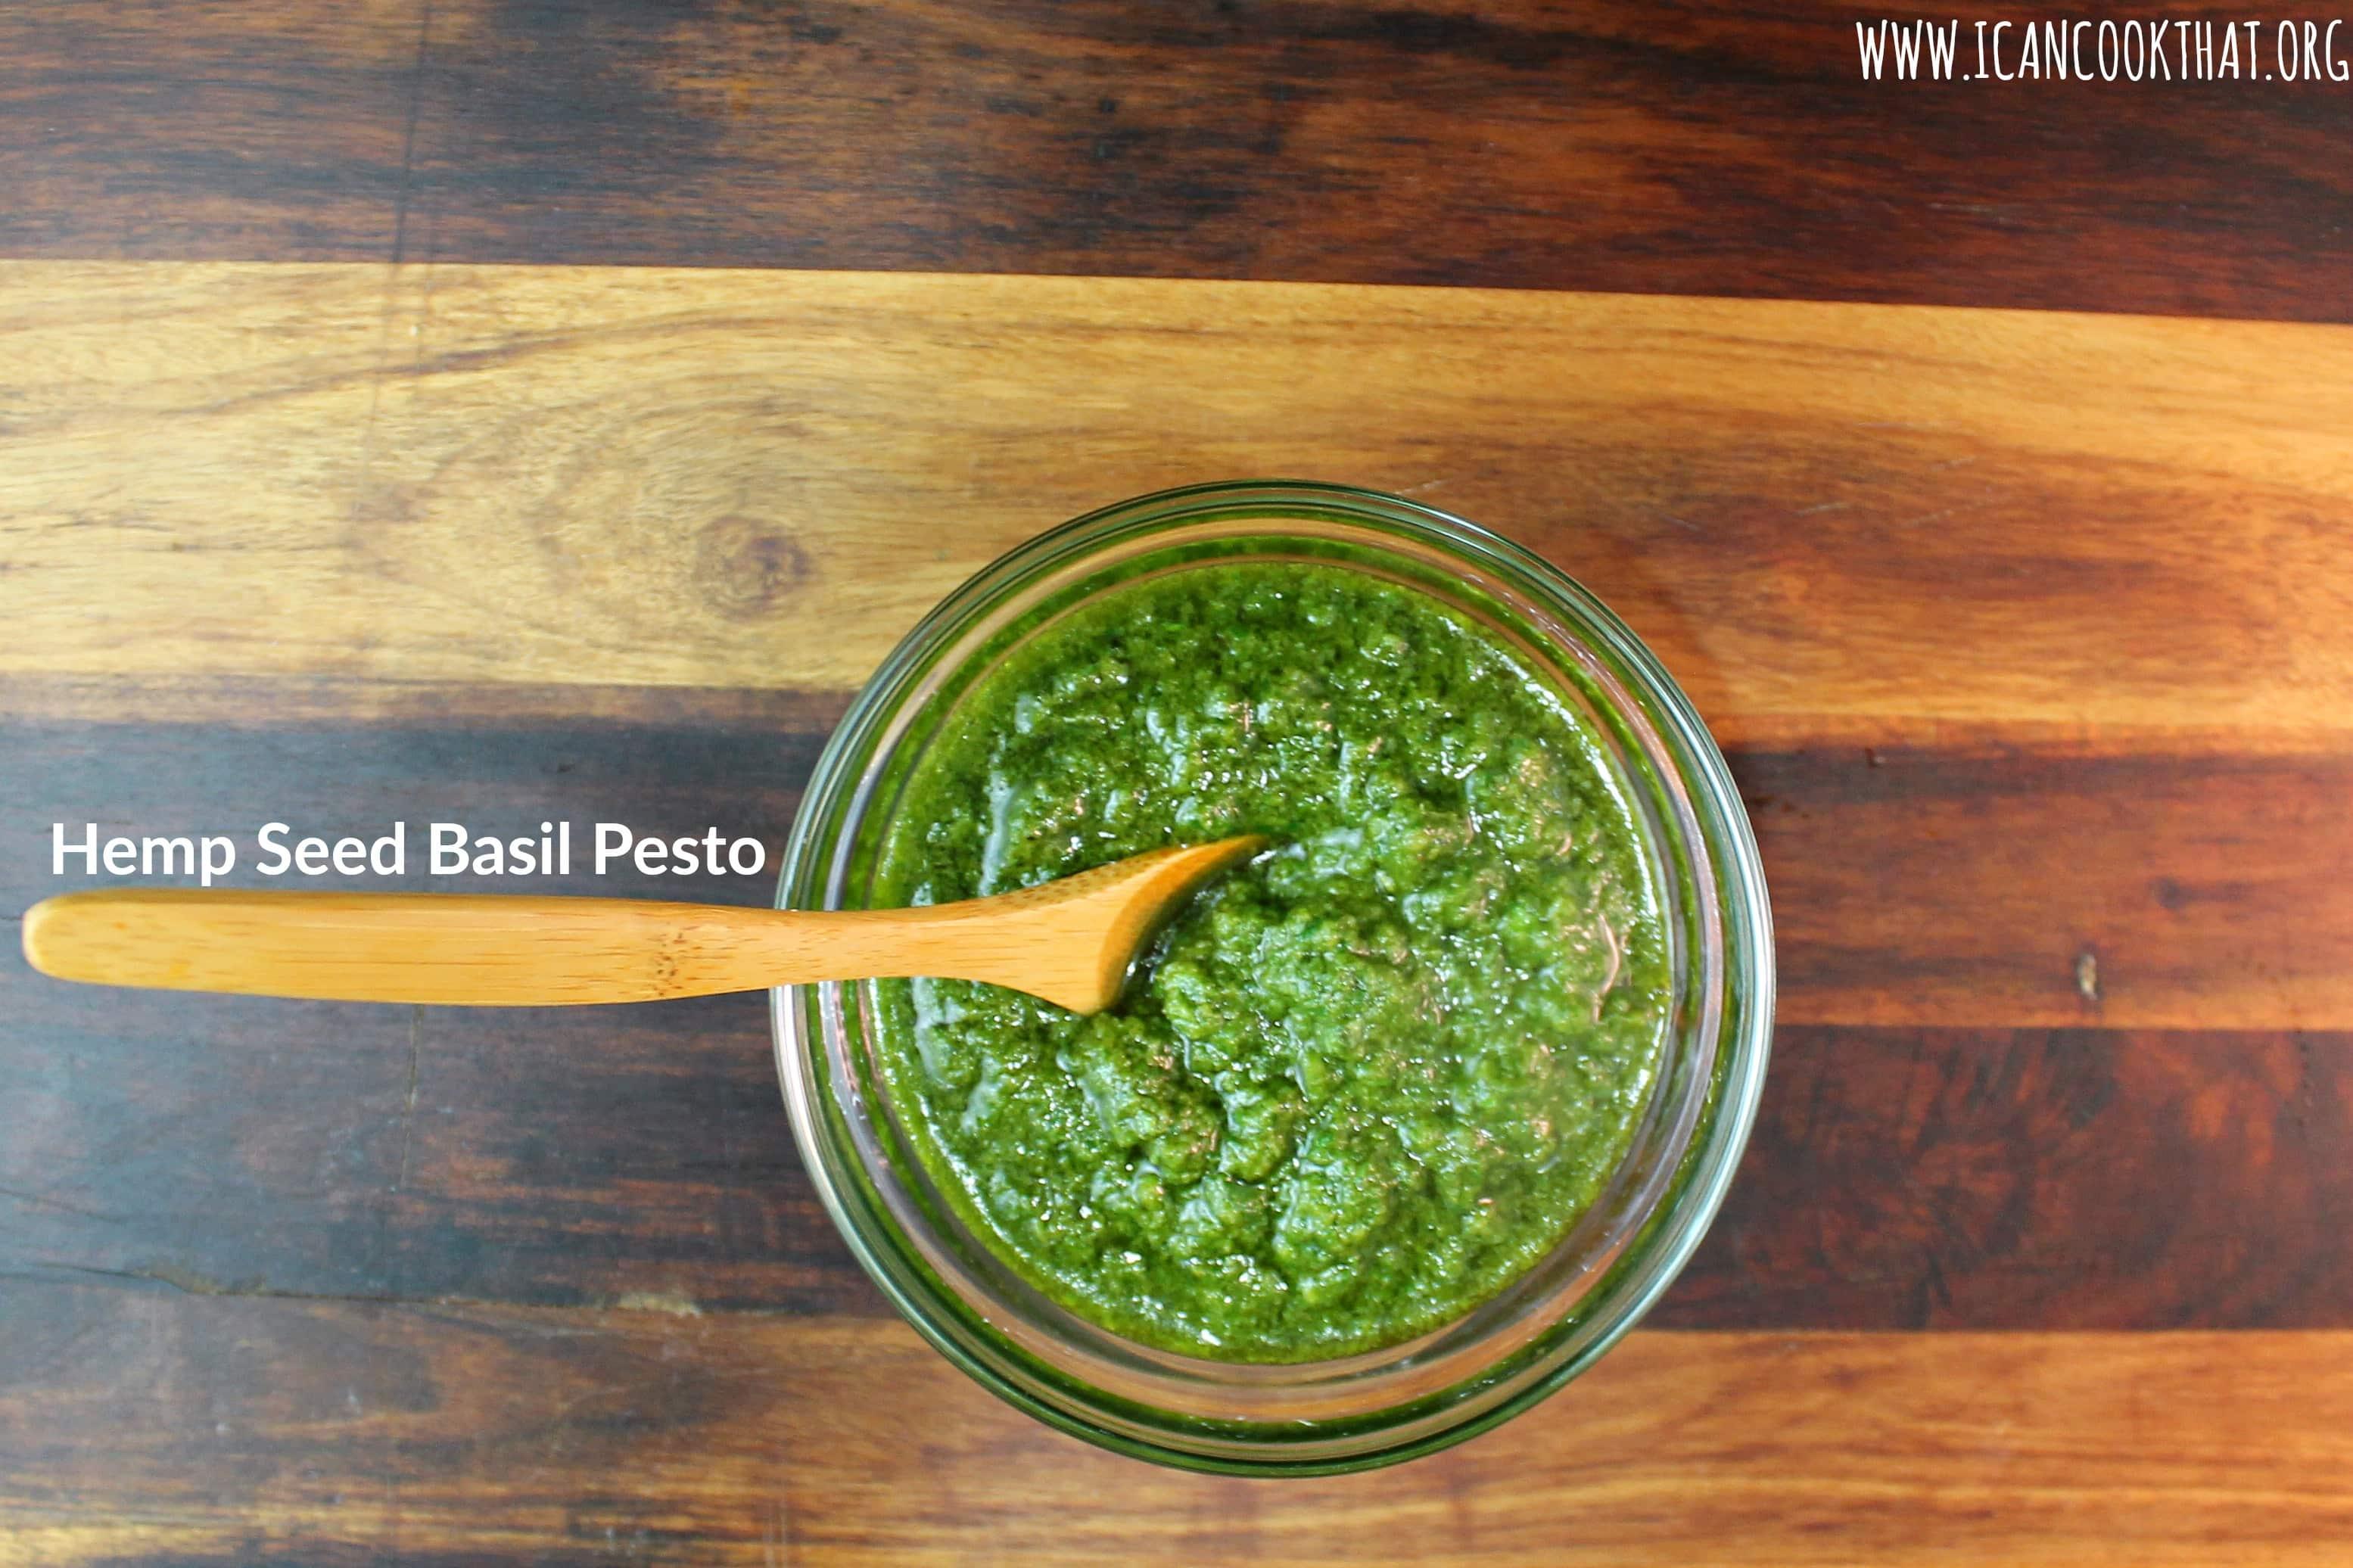 Hemp Seed Basil Pesto